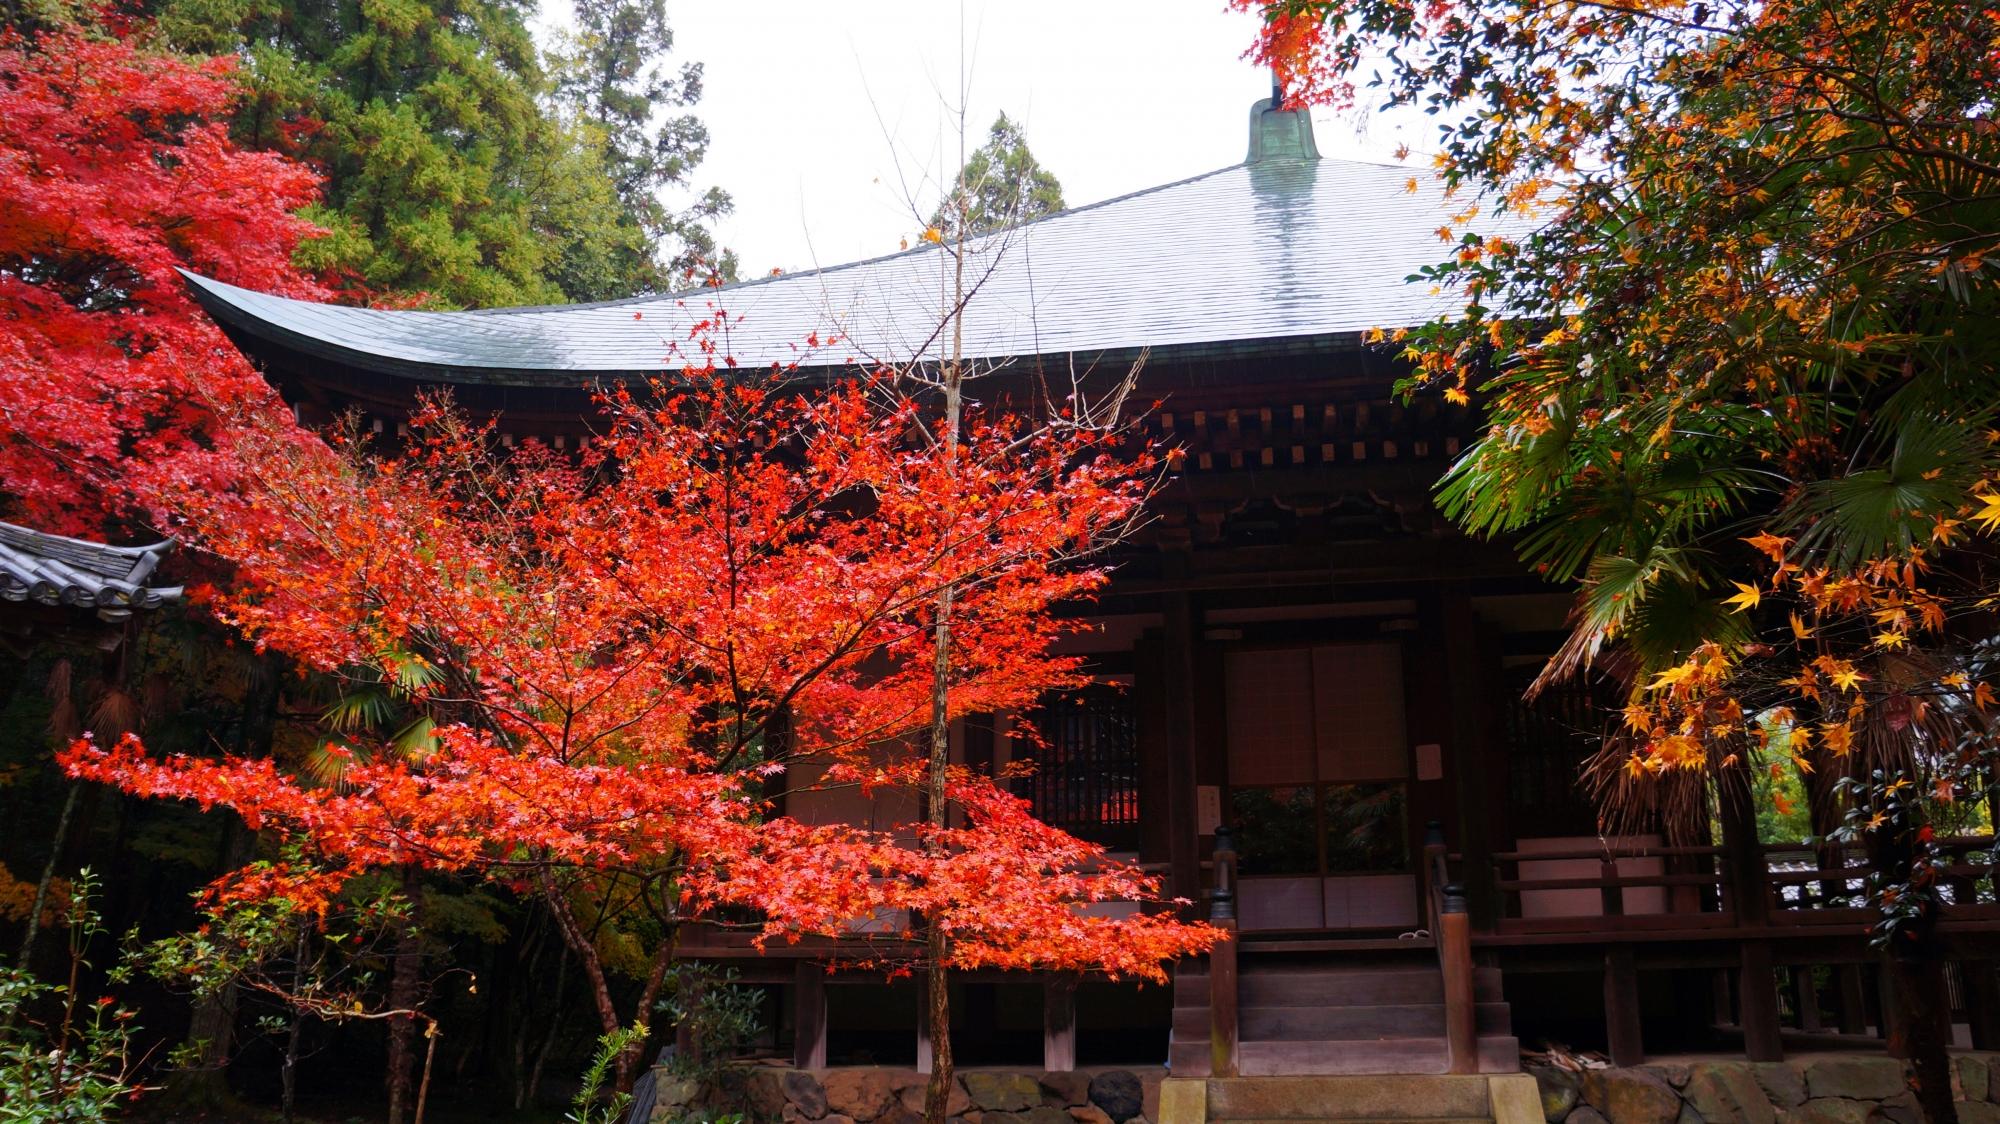 栖賢寺の本堂と紅葉